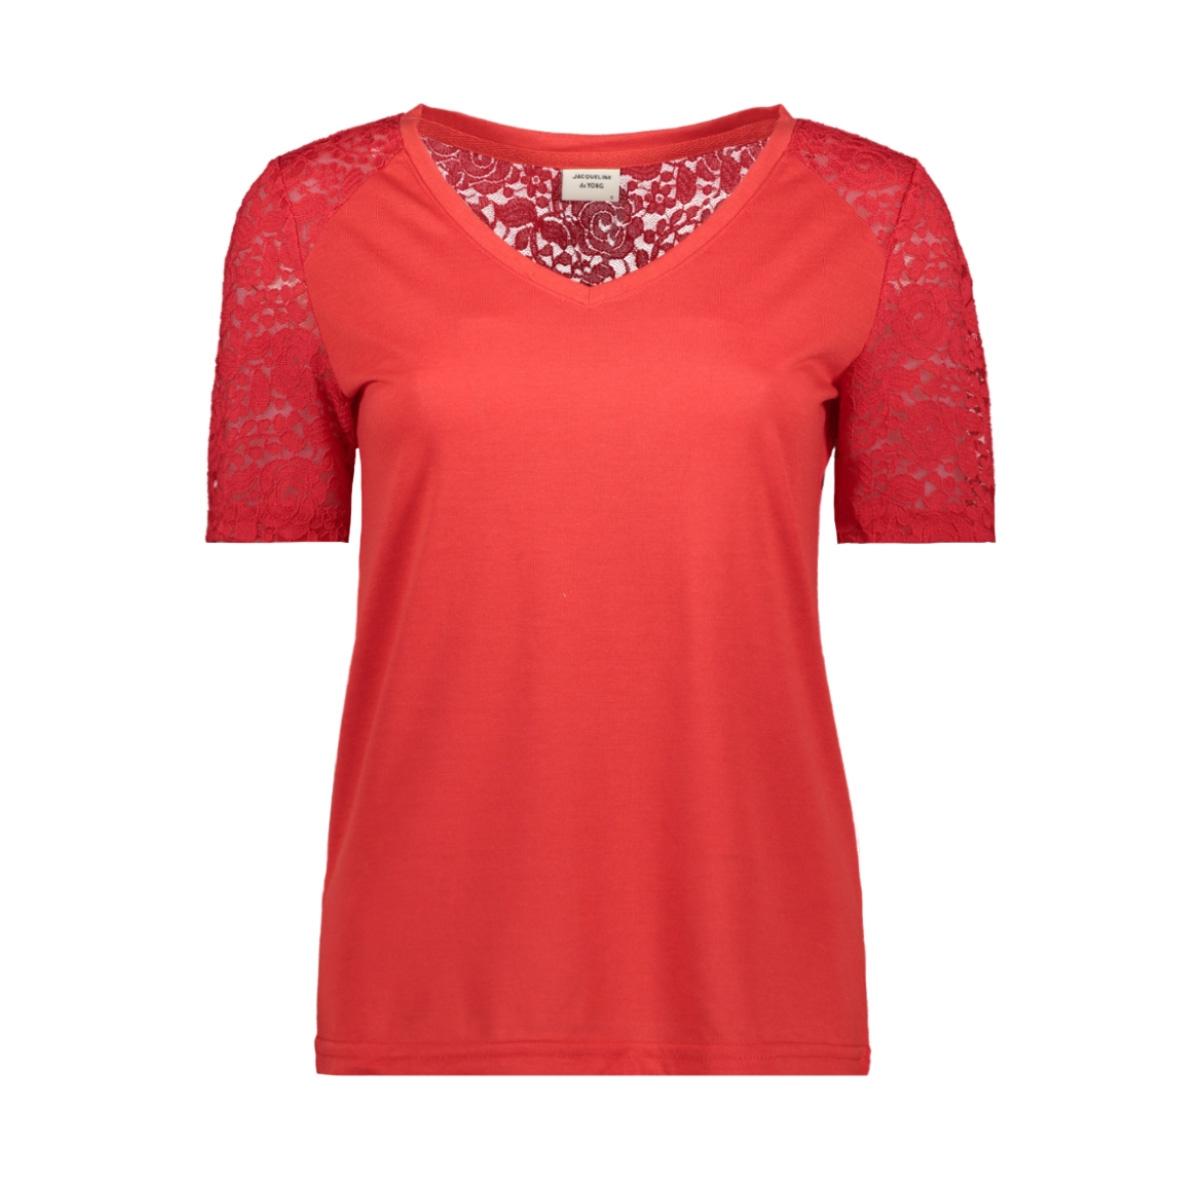 jdystinne s/s lace top jrs 15183309 jacqueline de yong t-shirt high risk red